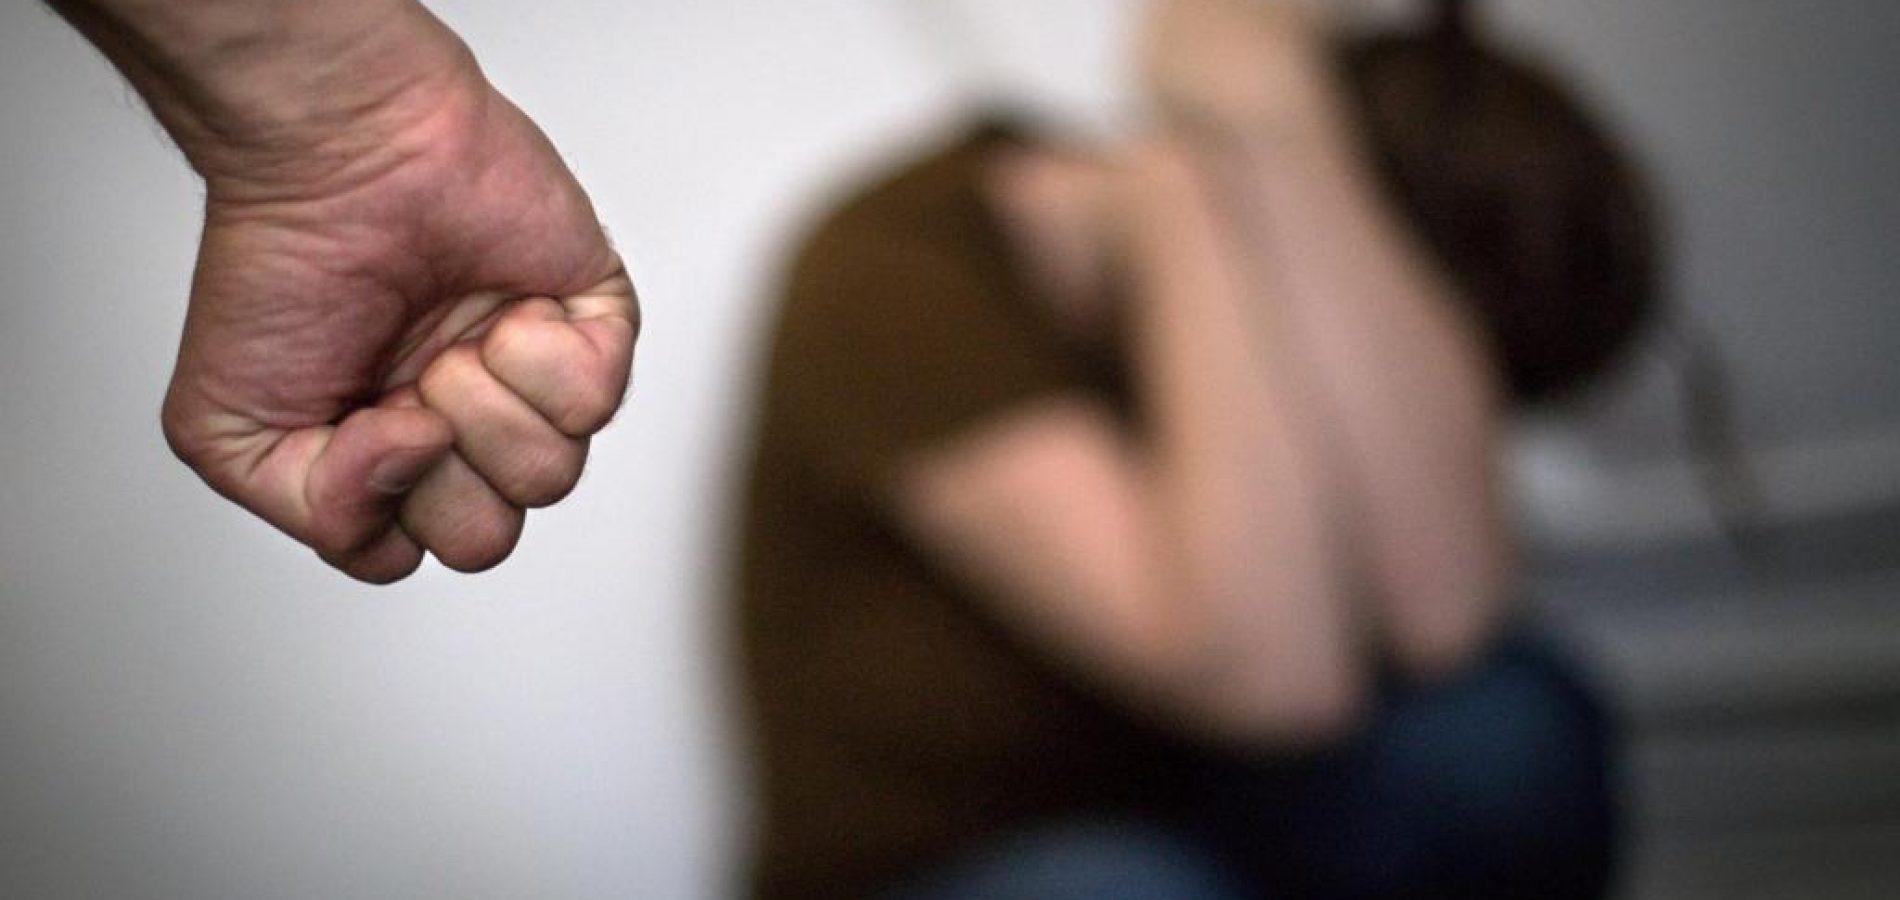 PICOS | Jovem ameaça familiar de morte em troca de dinheiro